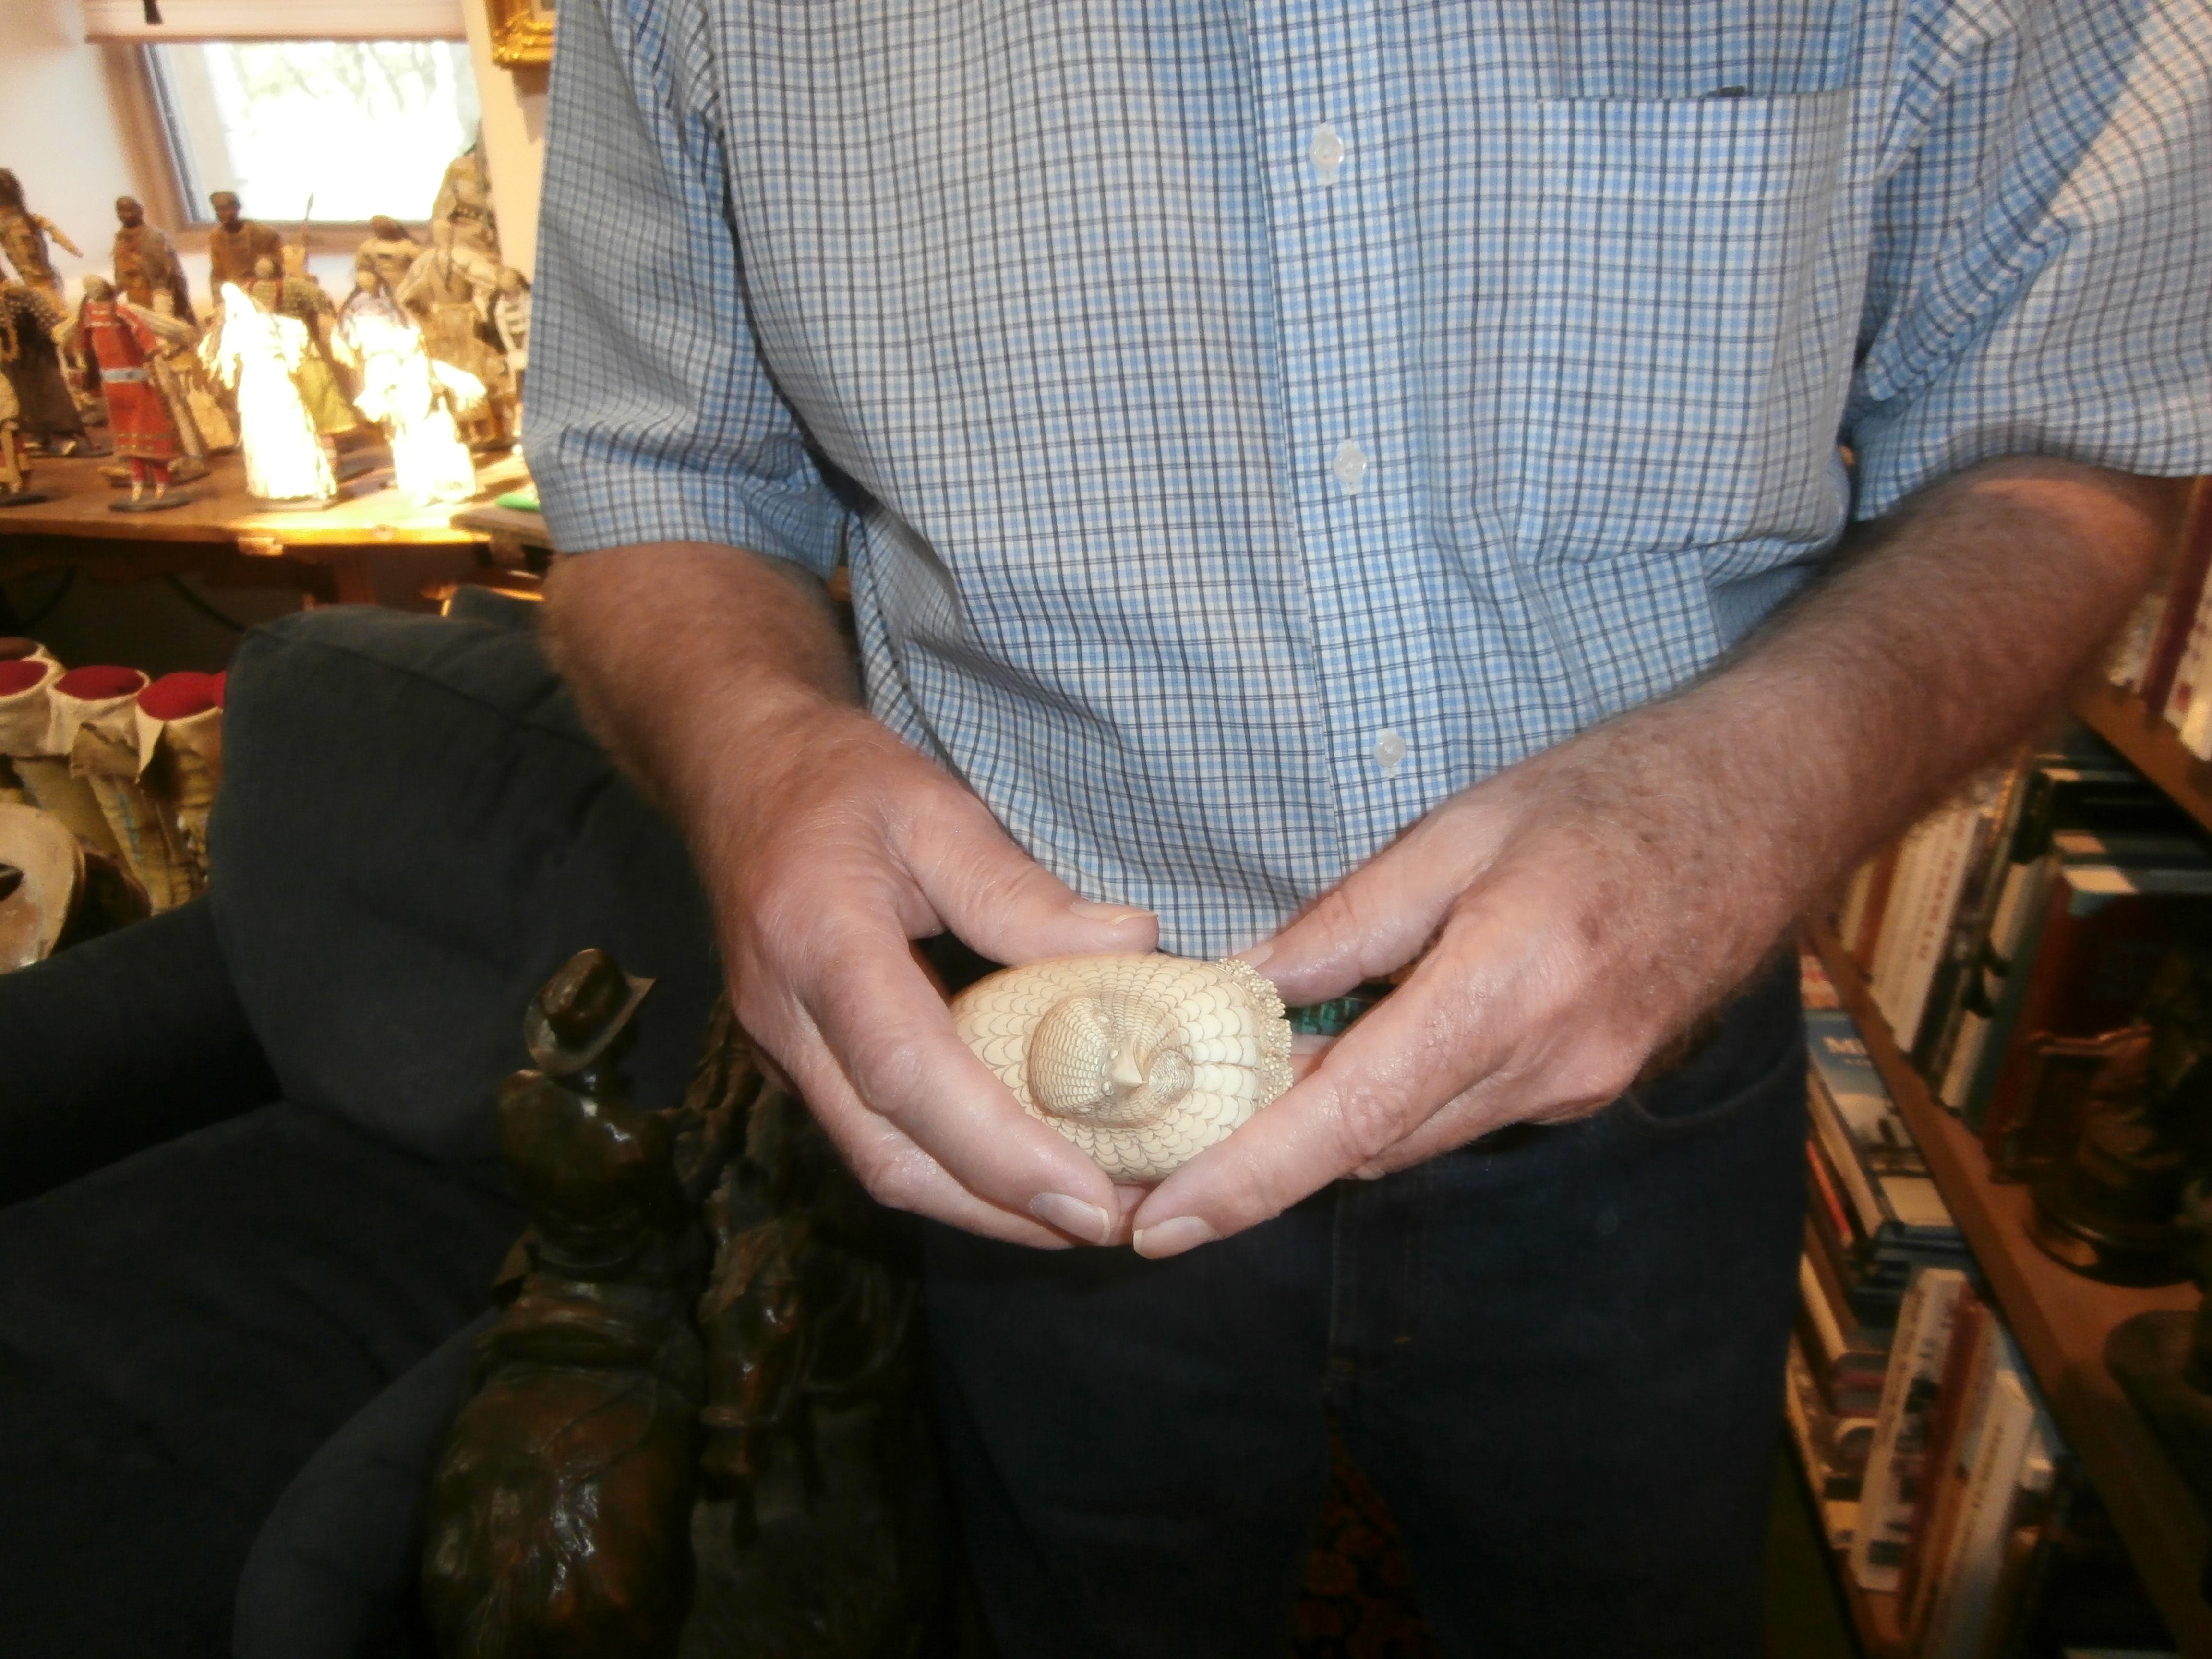 Forrest holding Minerva